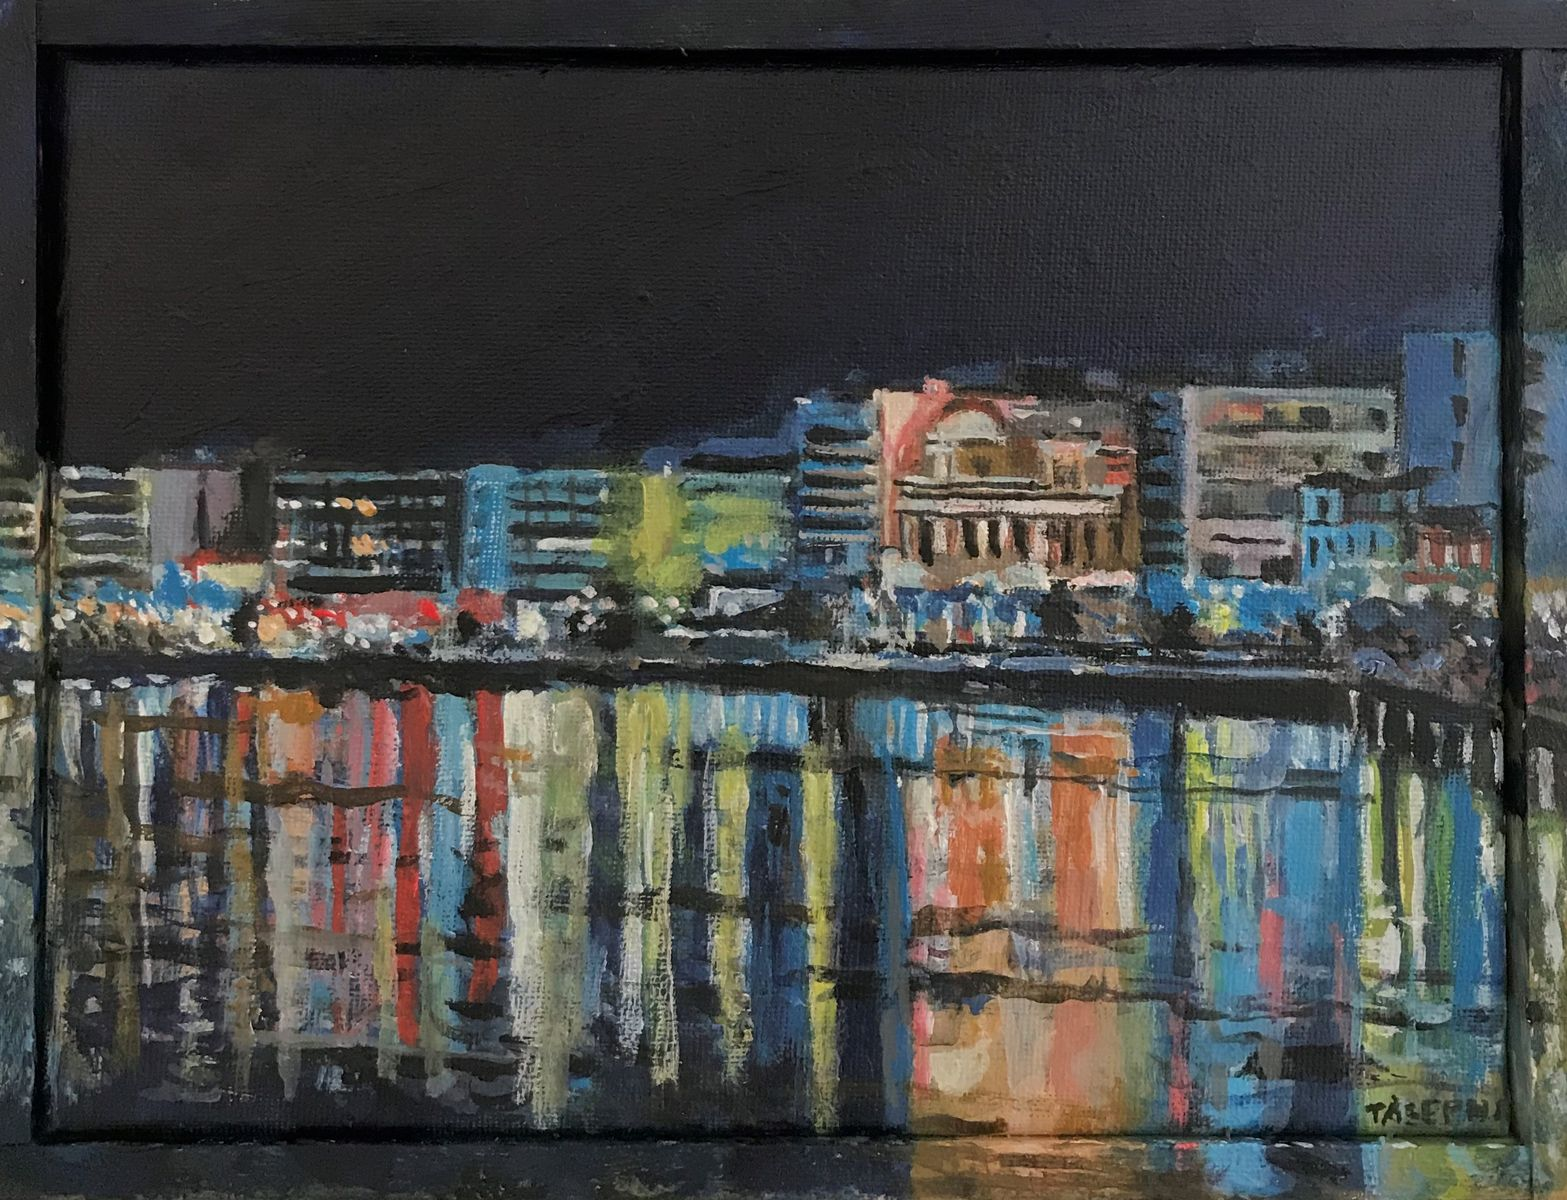 Γιώργος Τάξερης 18×24 εκ. Ακρυλικά σε καμβά Giorgos Taxeris 18×24 cm Acrylics on canvas